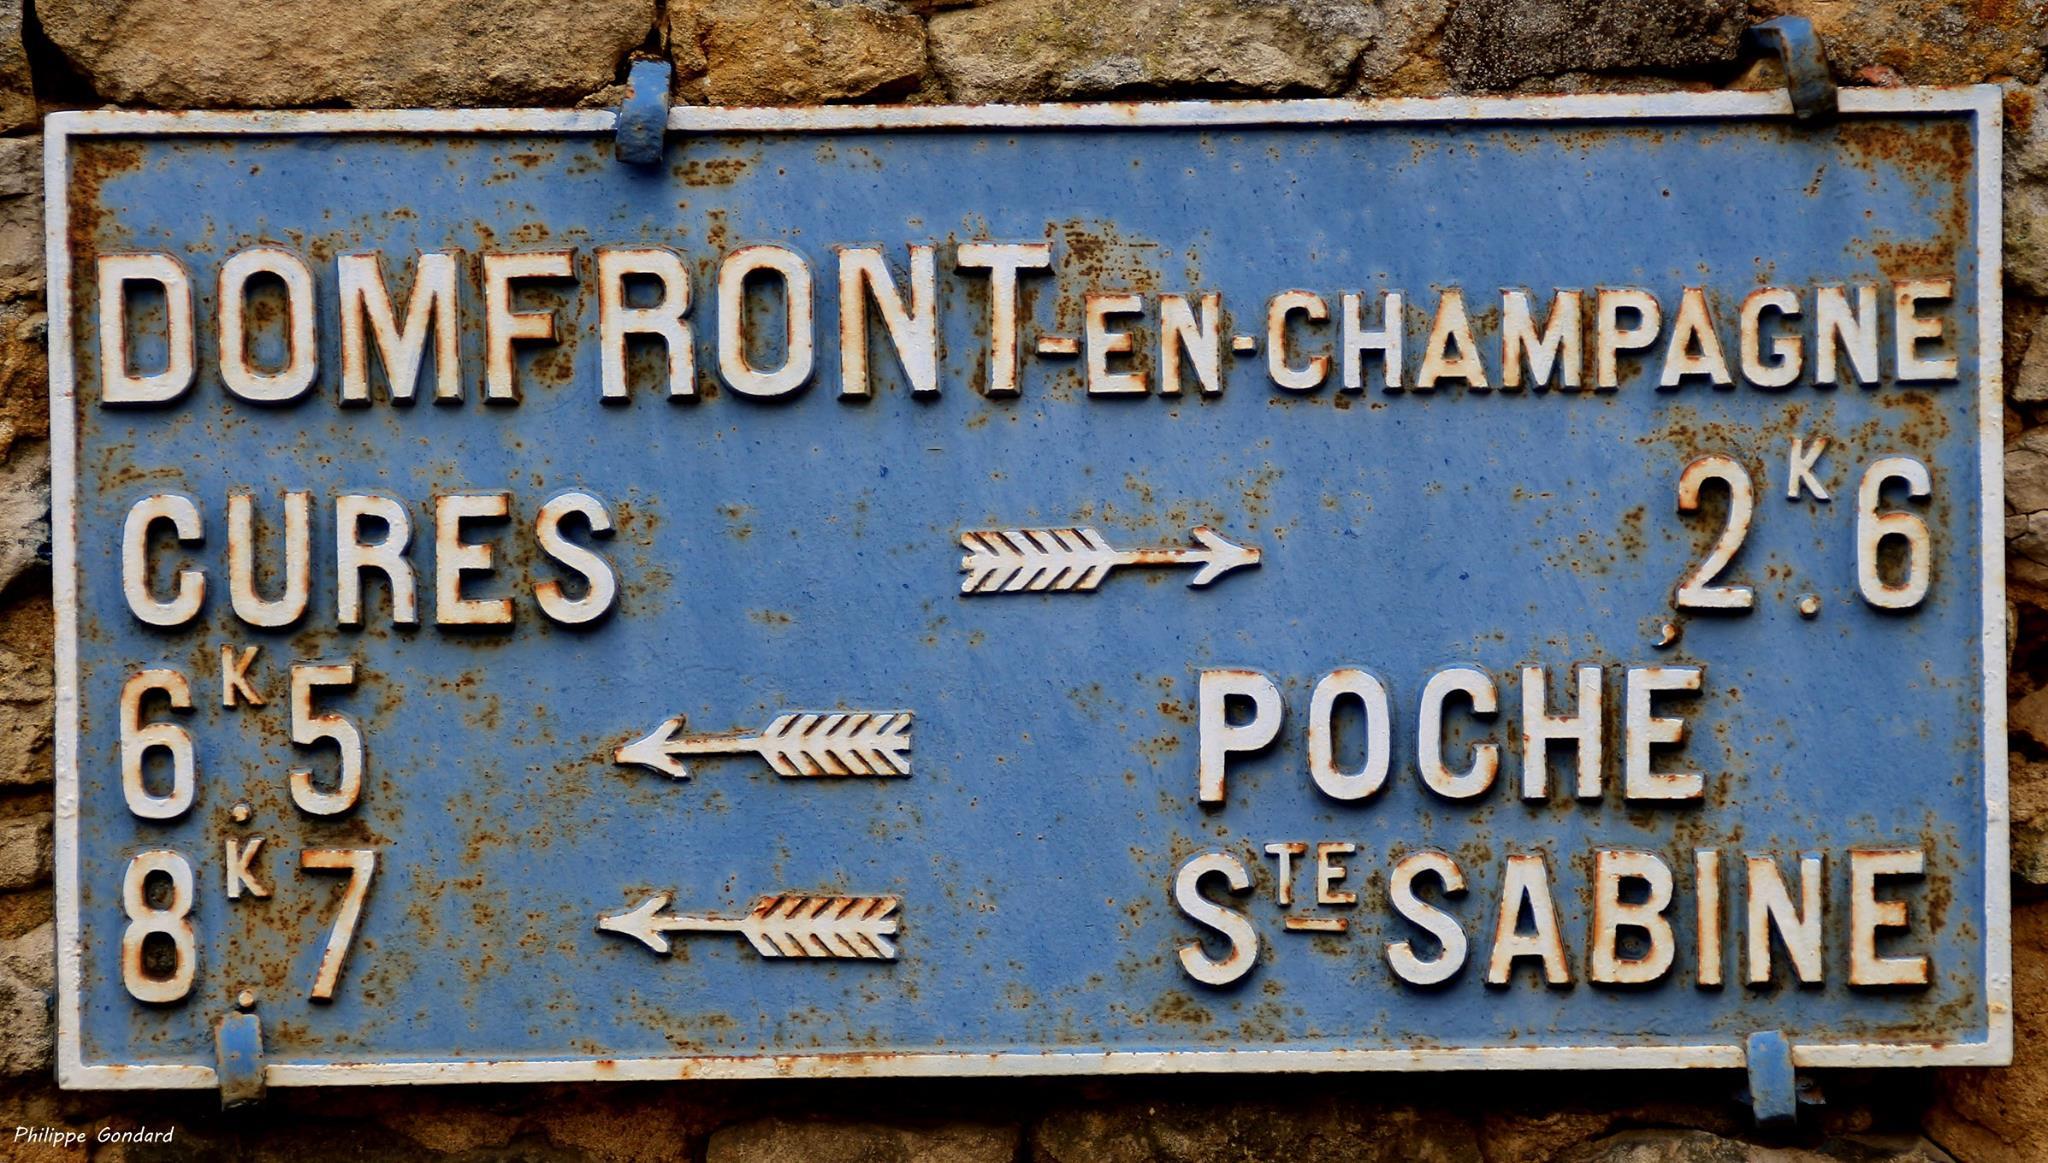 Domfront en Champagne - Plaque de cocher - Cures - Poche - Sainte Sabine (Philippe Gondard)